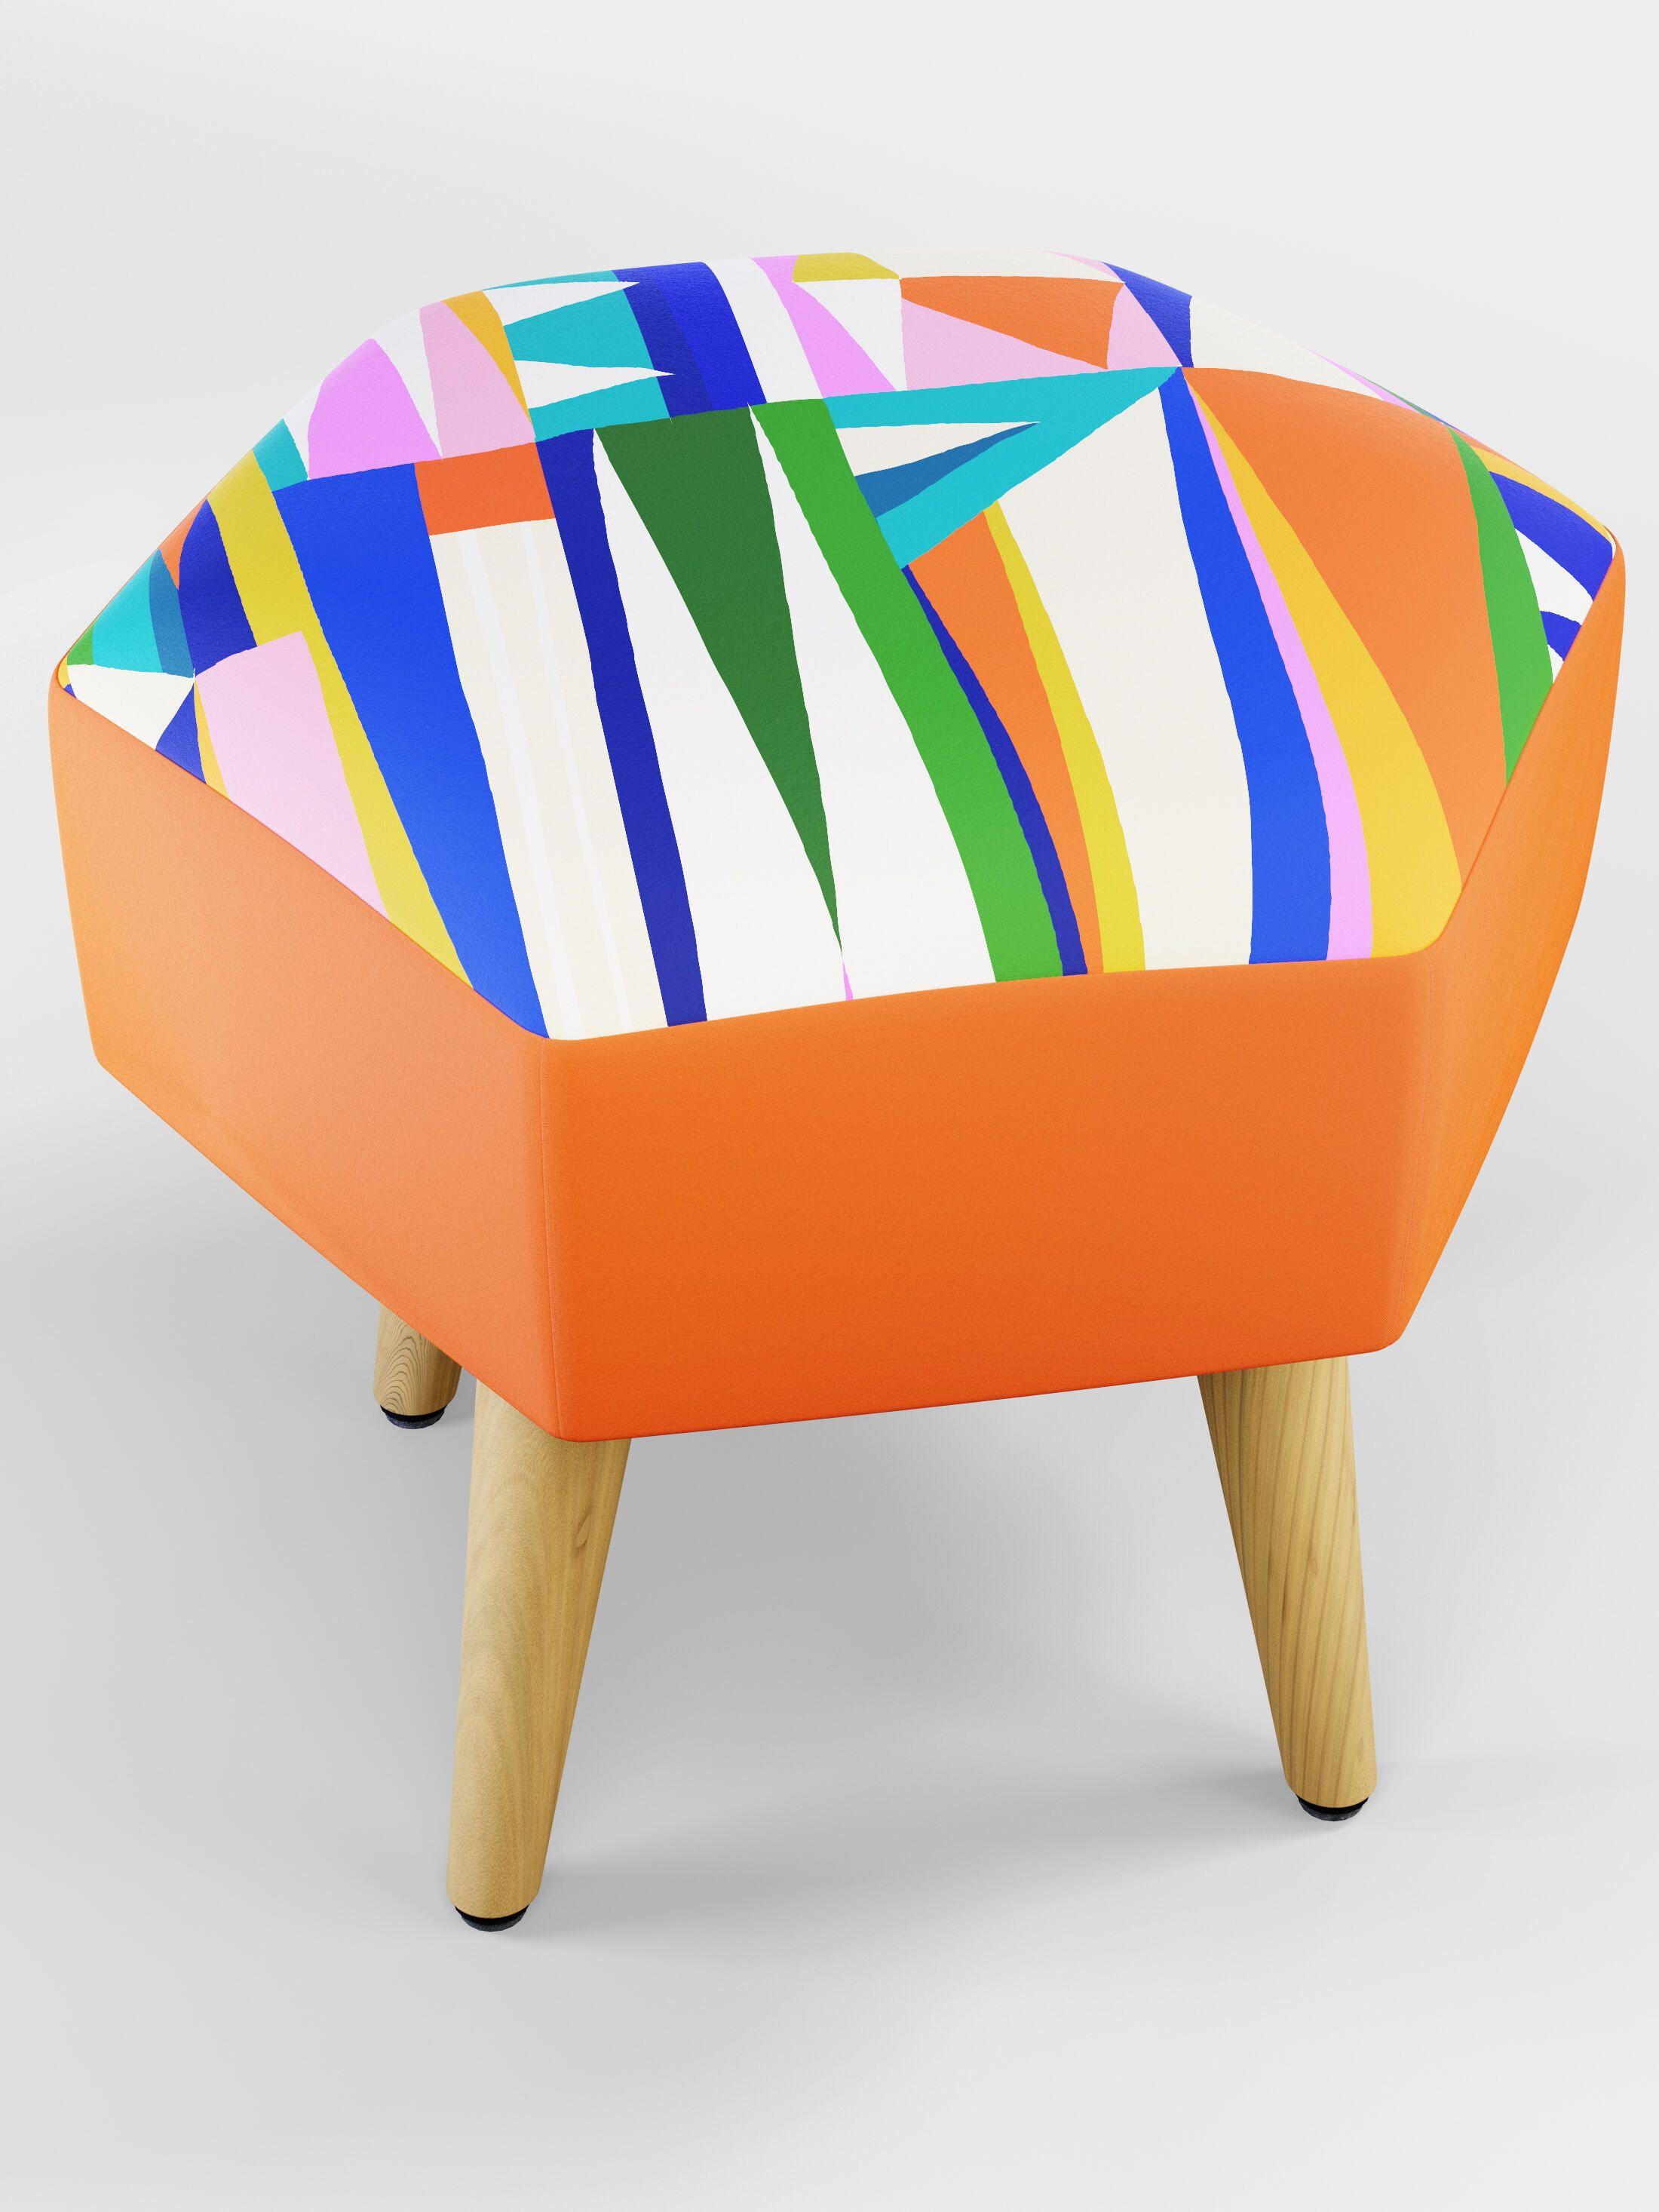 custom printed footstool